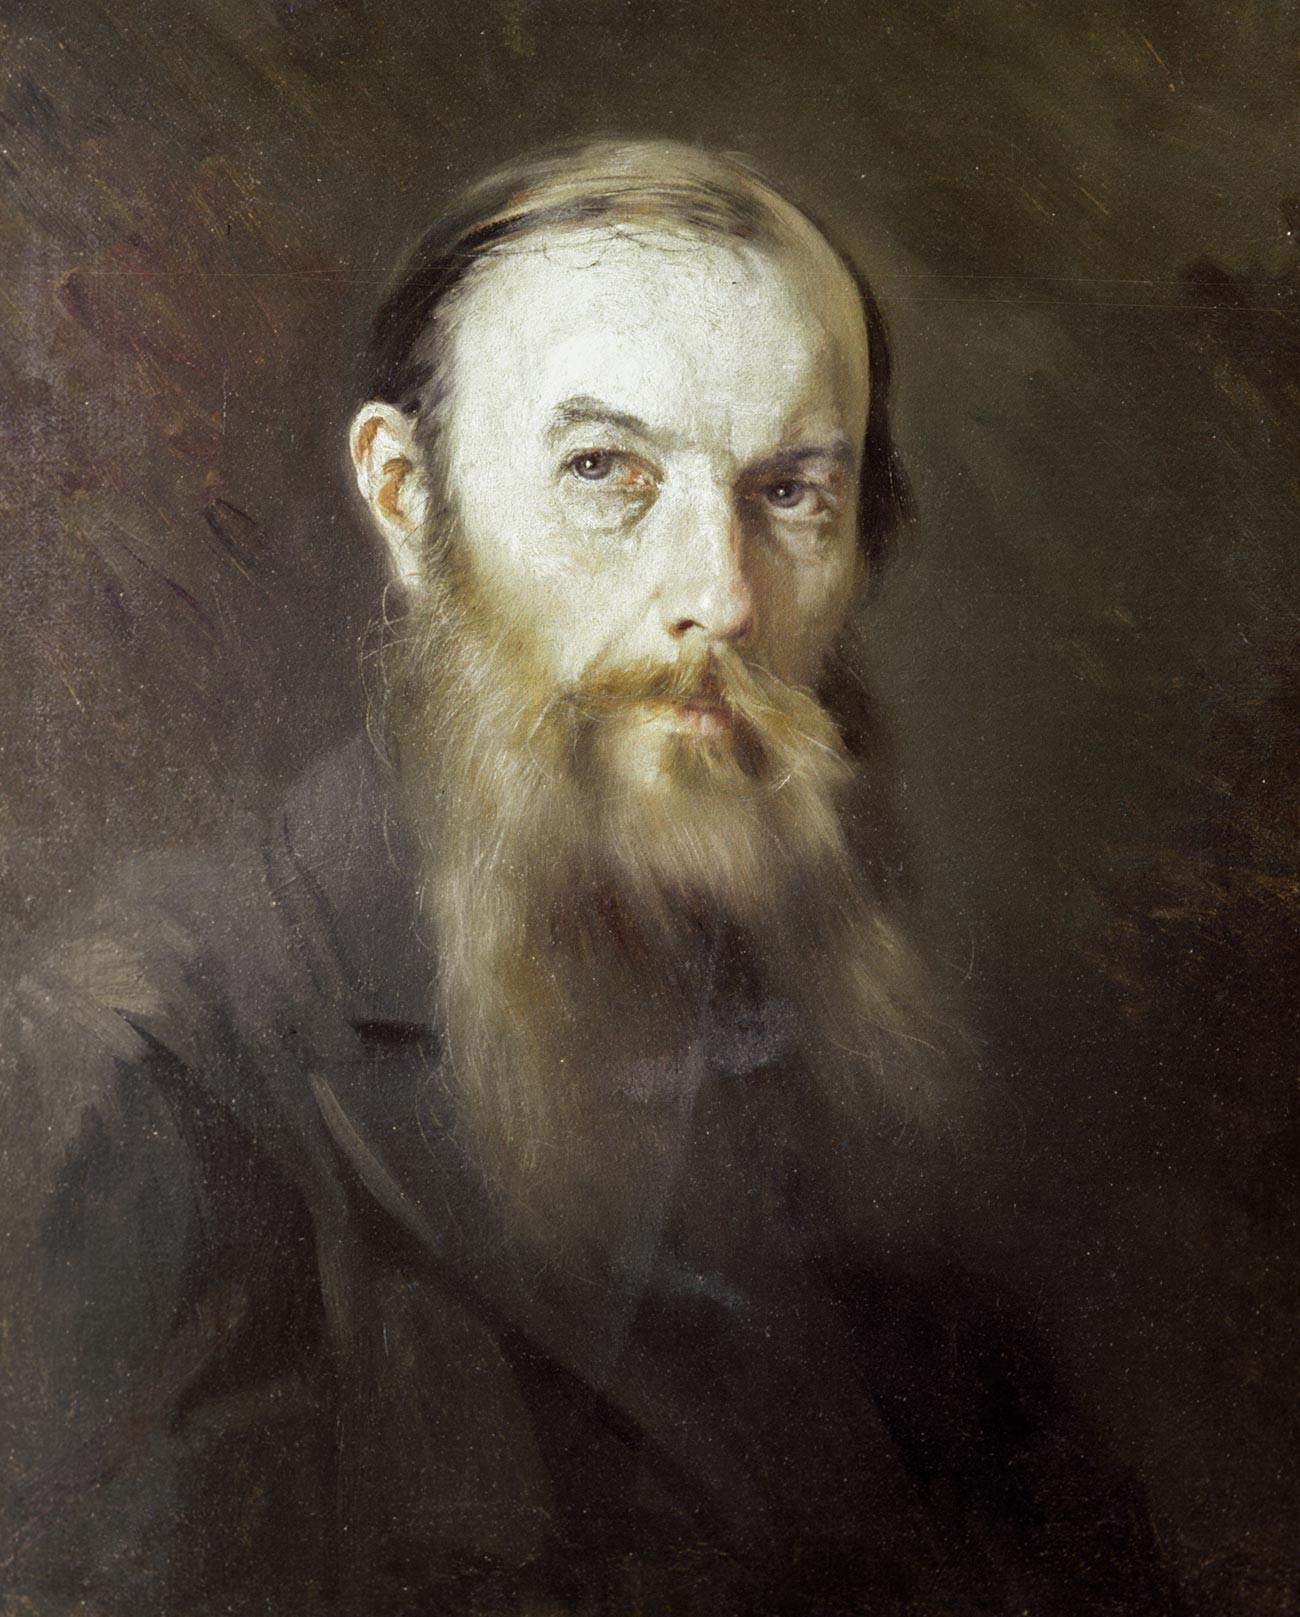 Riproduzione del ritratto di Fjodor Dostoevskij realizzato da M. Scherbatov; dalla collezione del museo-casa di Dostoevskij